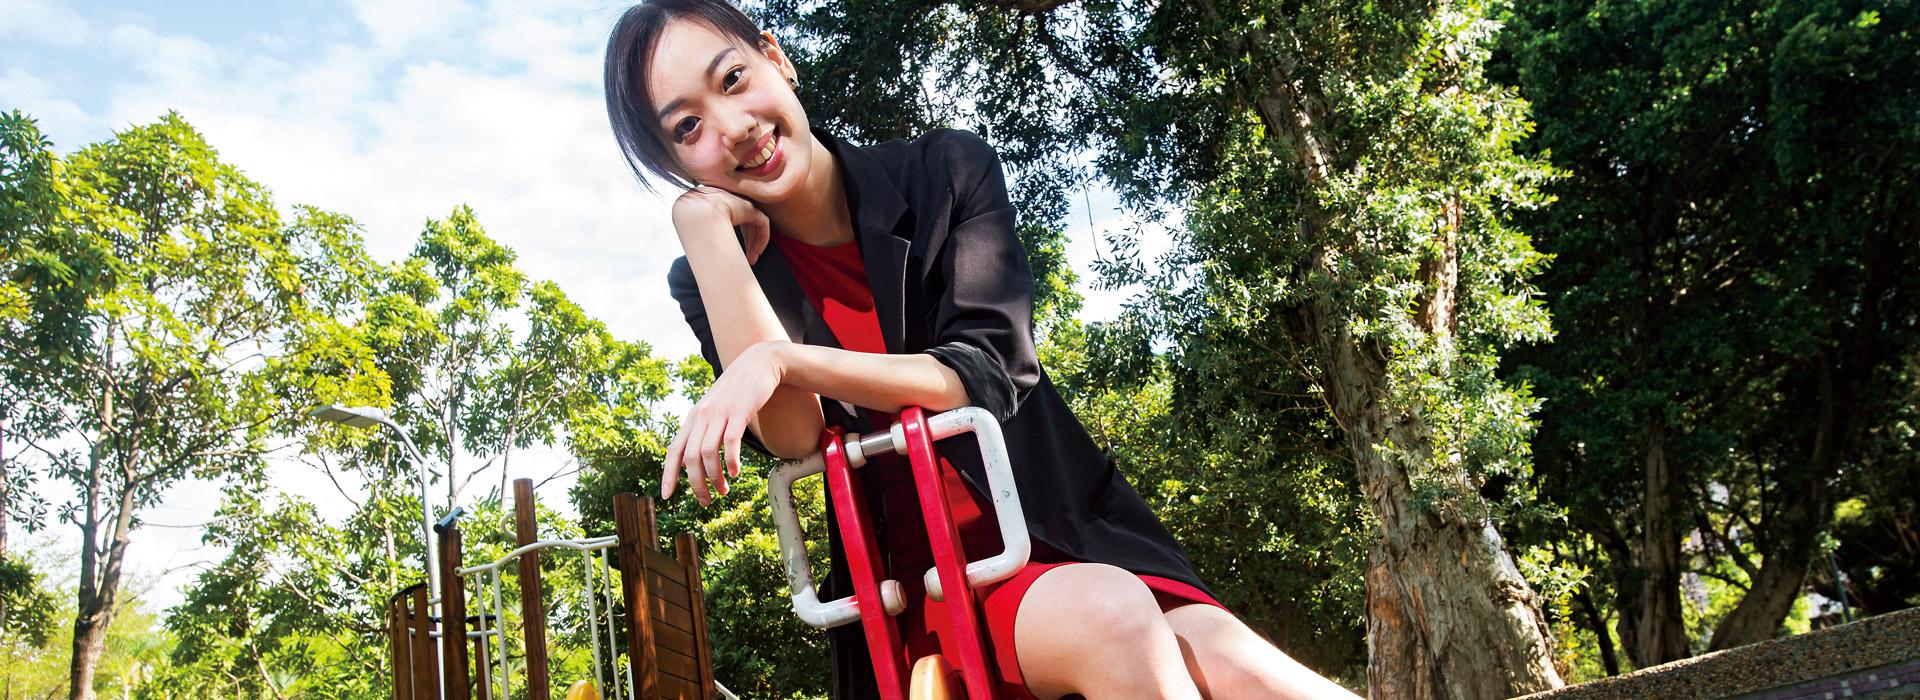 27歲的她不怕「歸零」 幫大學生創業築夢